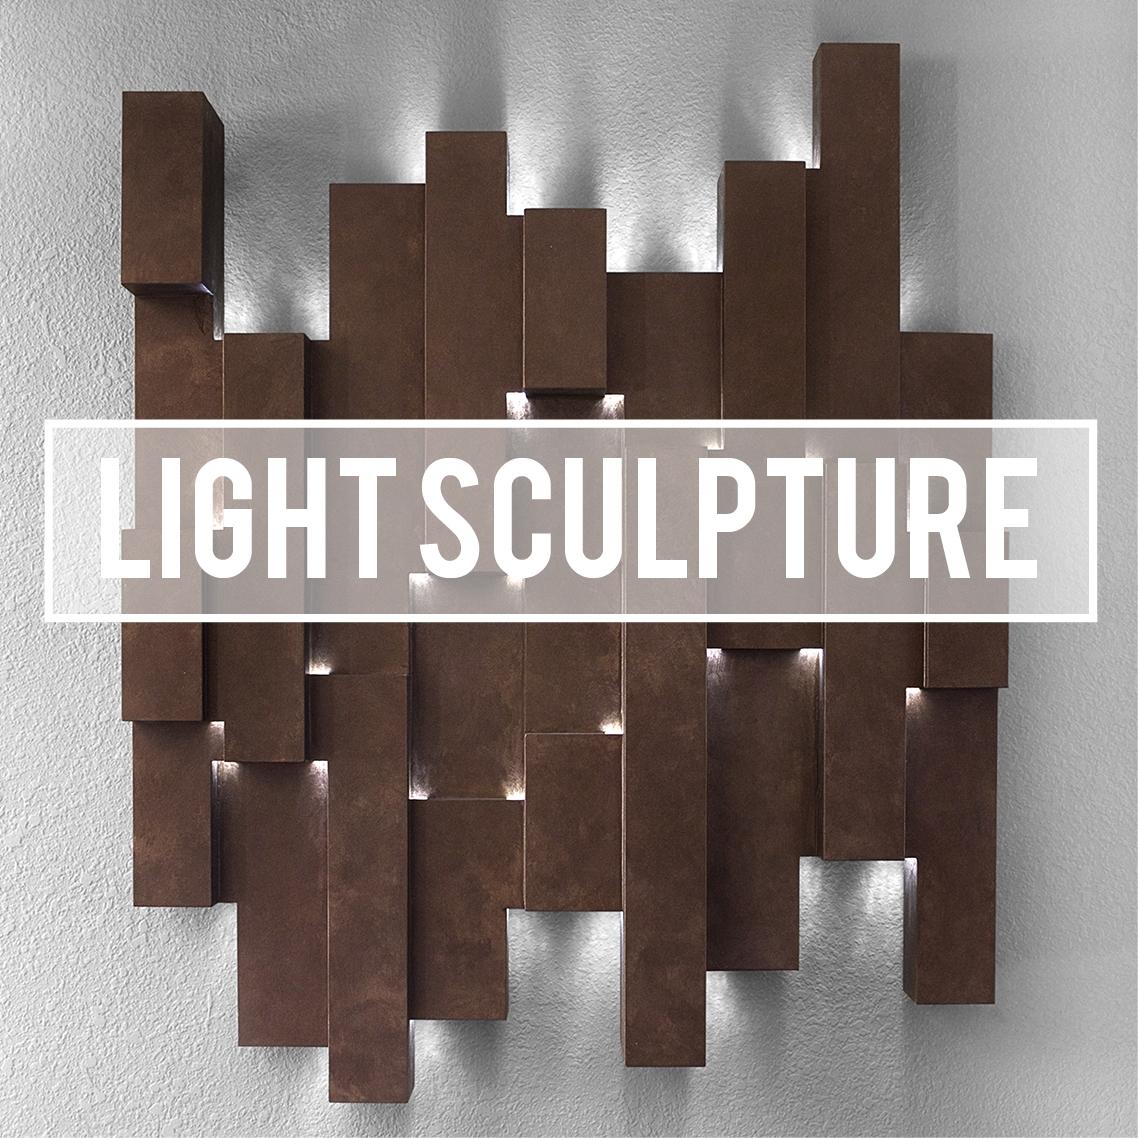 light sculpture cover-01.jpg